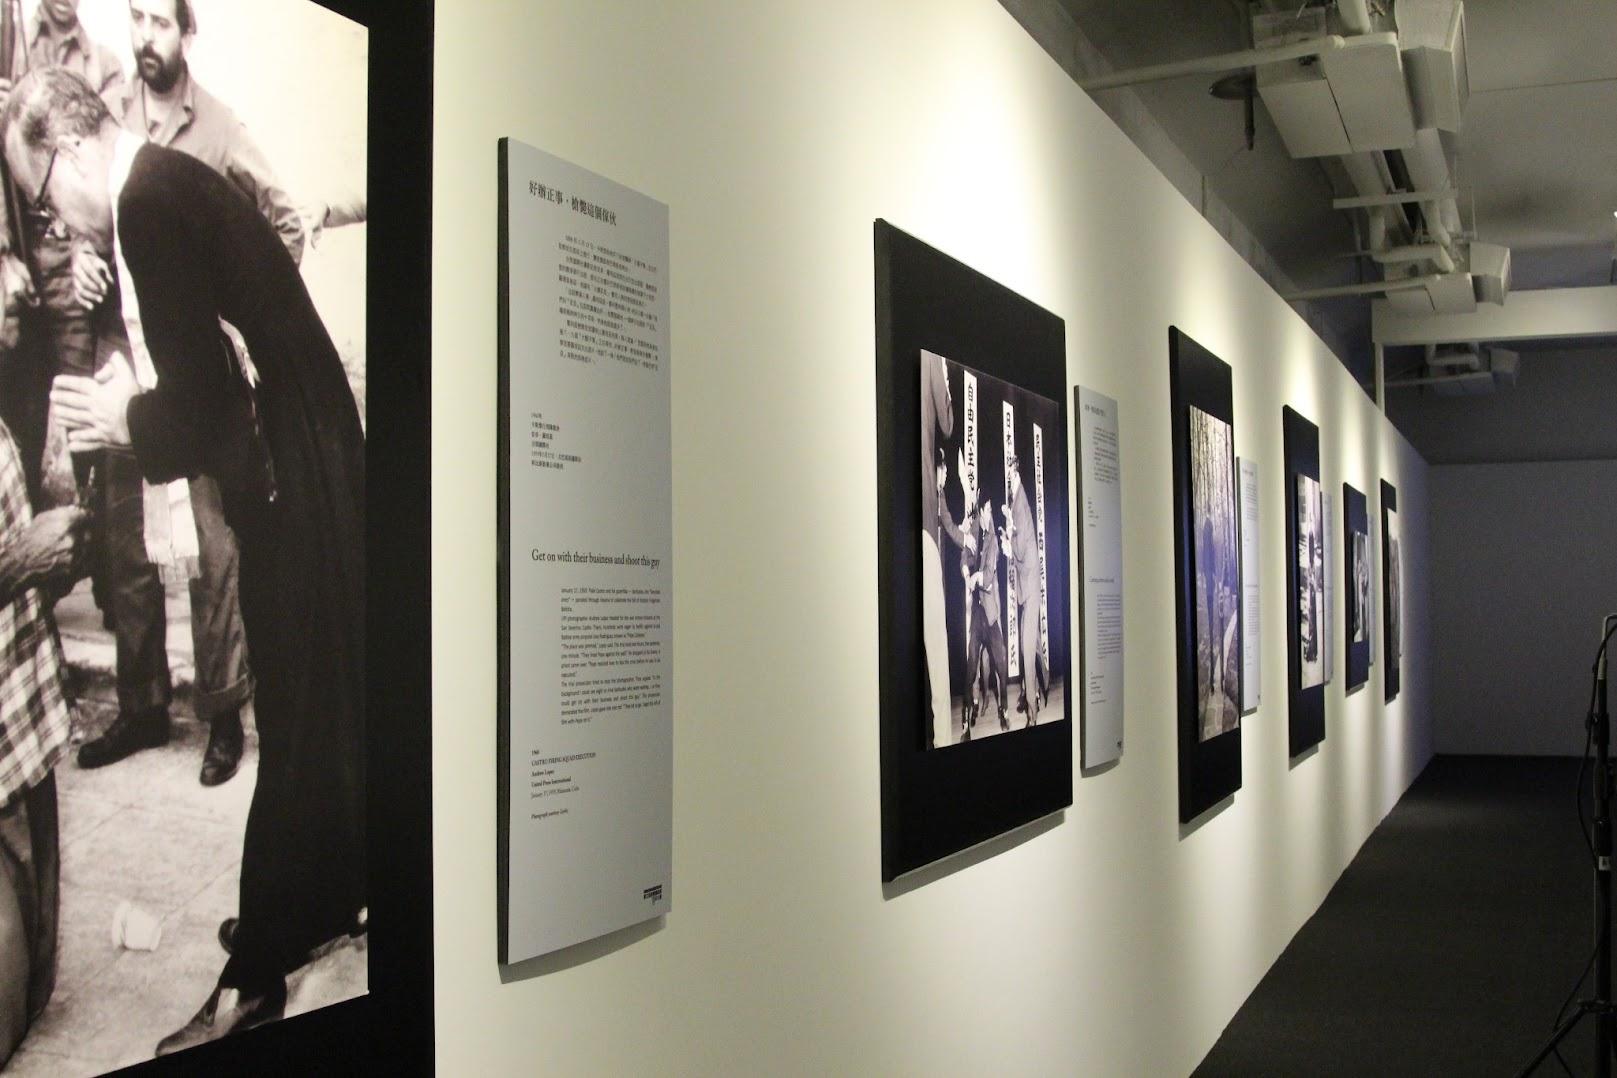 *「普立茲新聞攝影獎」首次登台開展:邀請策展人Cyma Rubin與2004年得獎者Carolyn Cole揭開序幕! 6